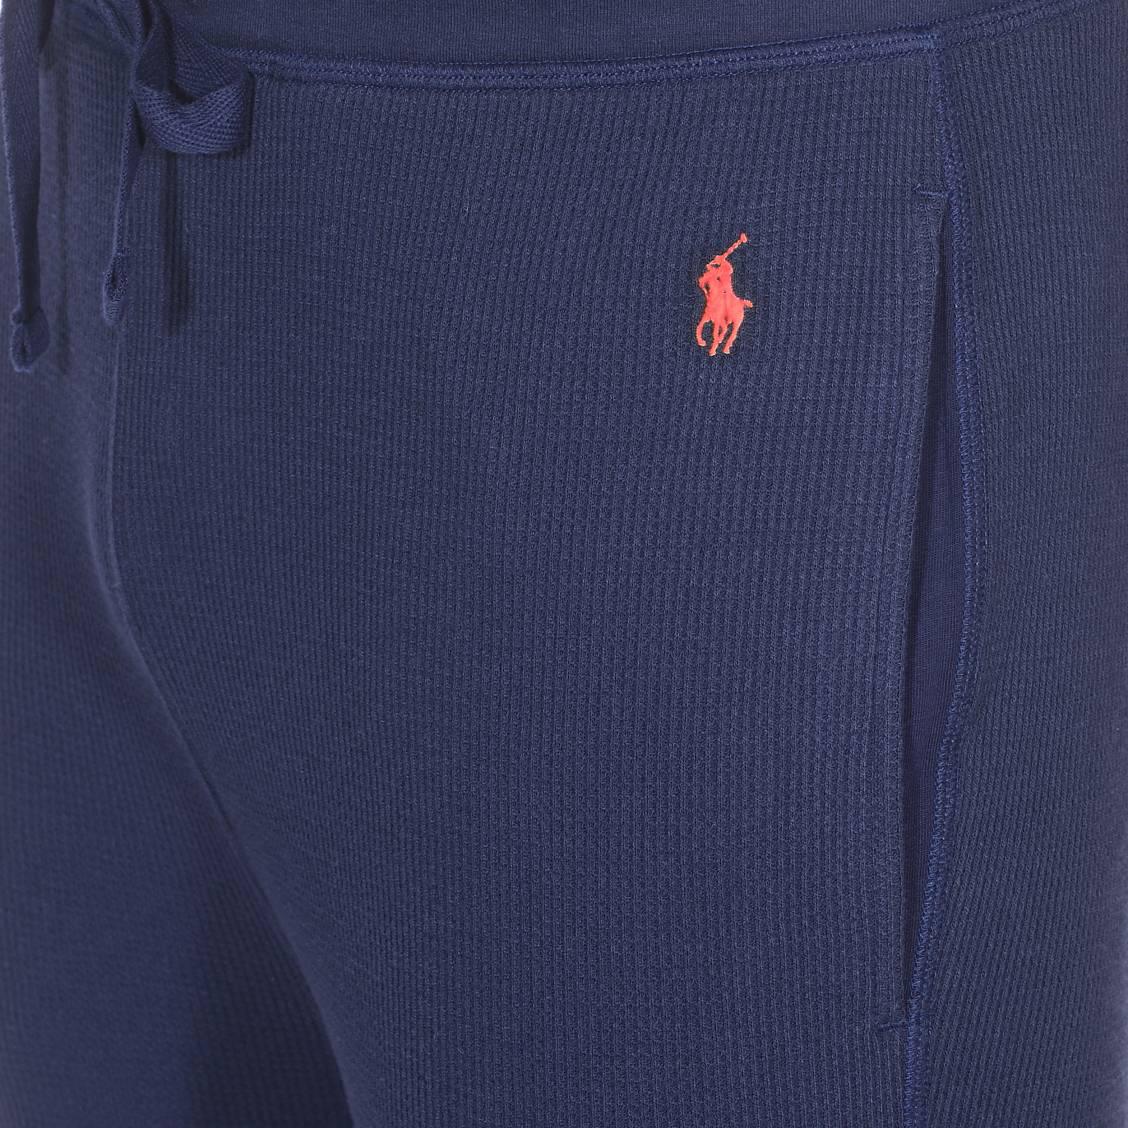 MarineRue Pantalon De Bleu Des Hommes En Jogging Lauren Gauffré Polo Molleton Ralph Léger 3RLj54A